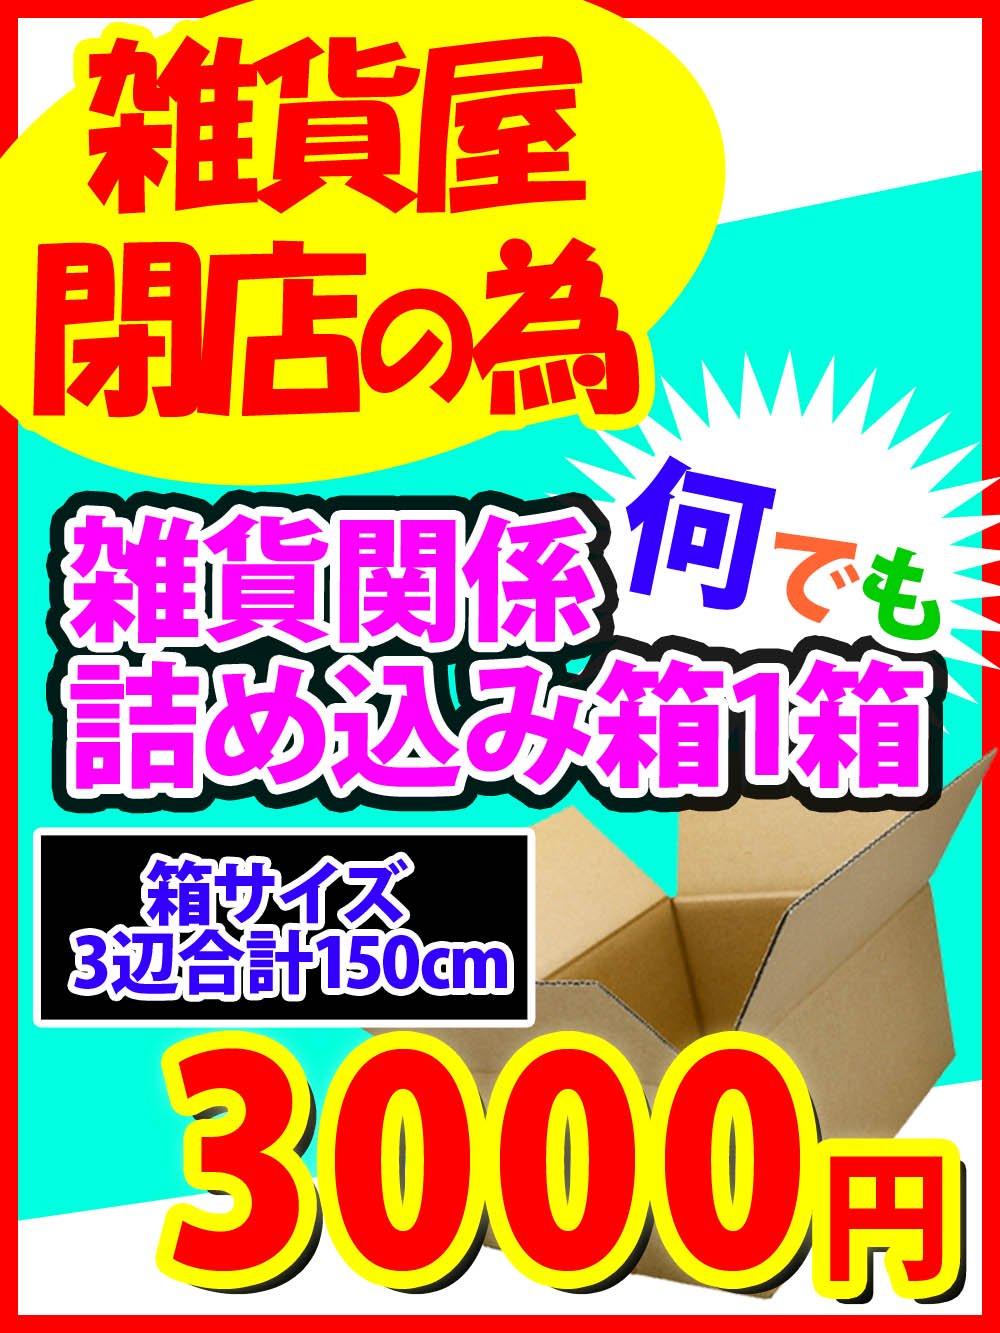 【雑貨屋閉店の為】雑貨関係何でも詰め込み箱1箱(箱サイズ3辺合計150cm)@3000